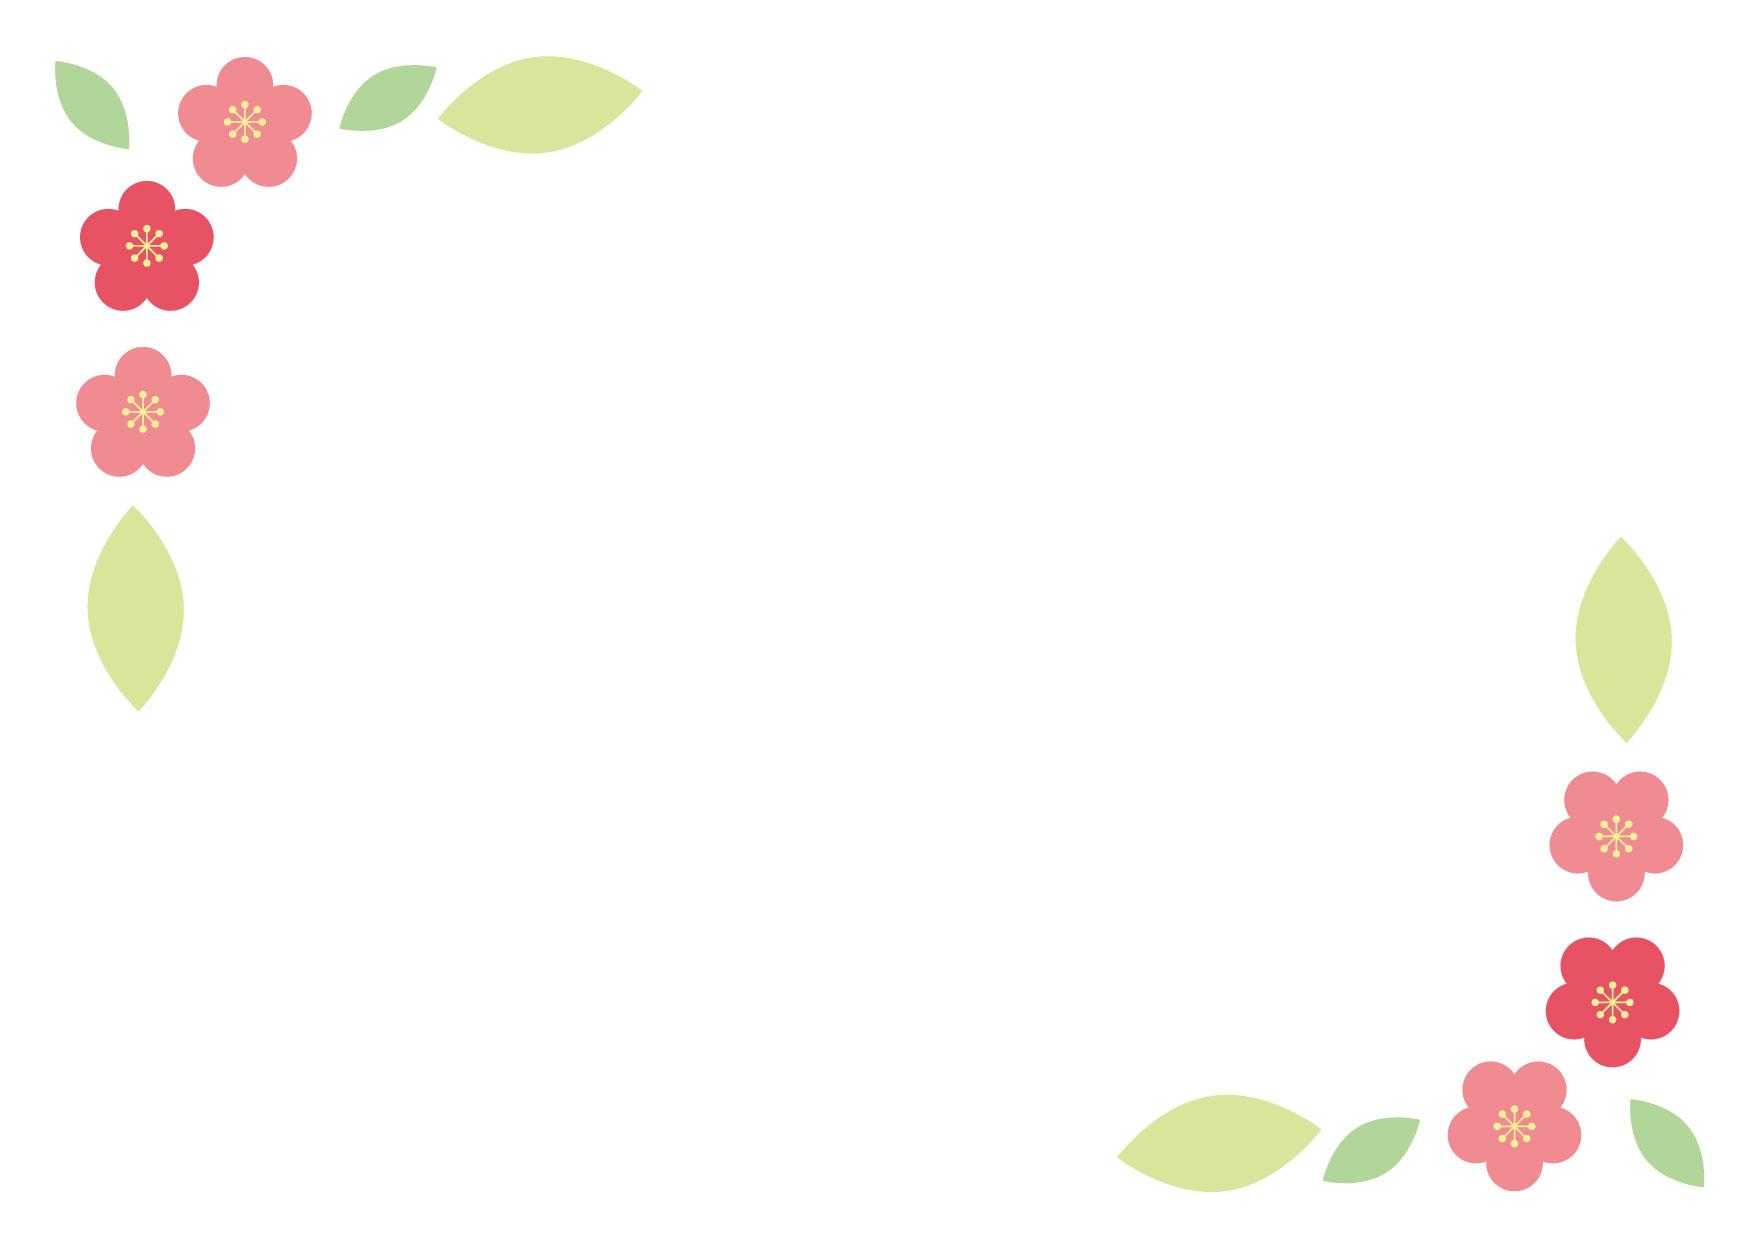 可愛いイラスト無料|梅 桃  フレーム − free illustration Plum peach frame